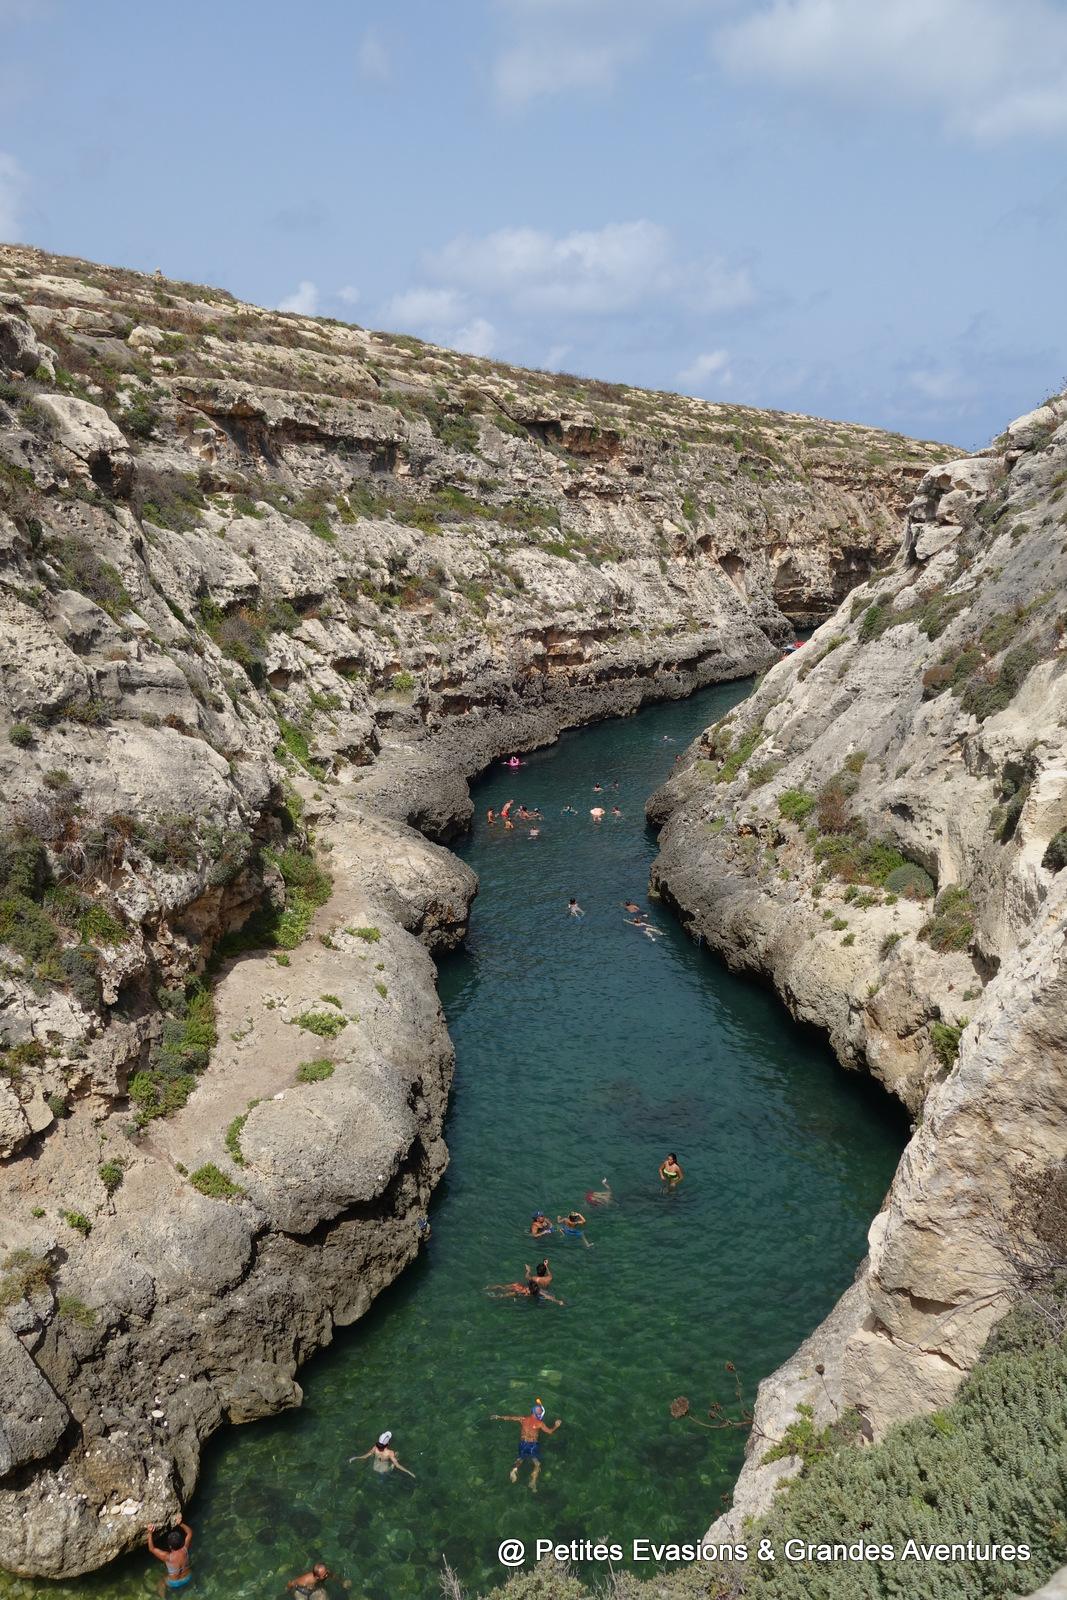 Wied il-Għasri (Gozo)